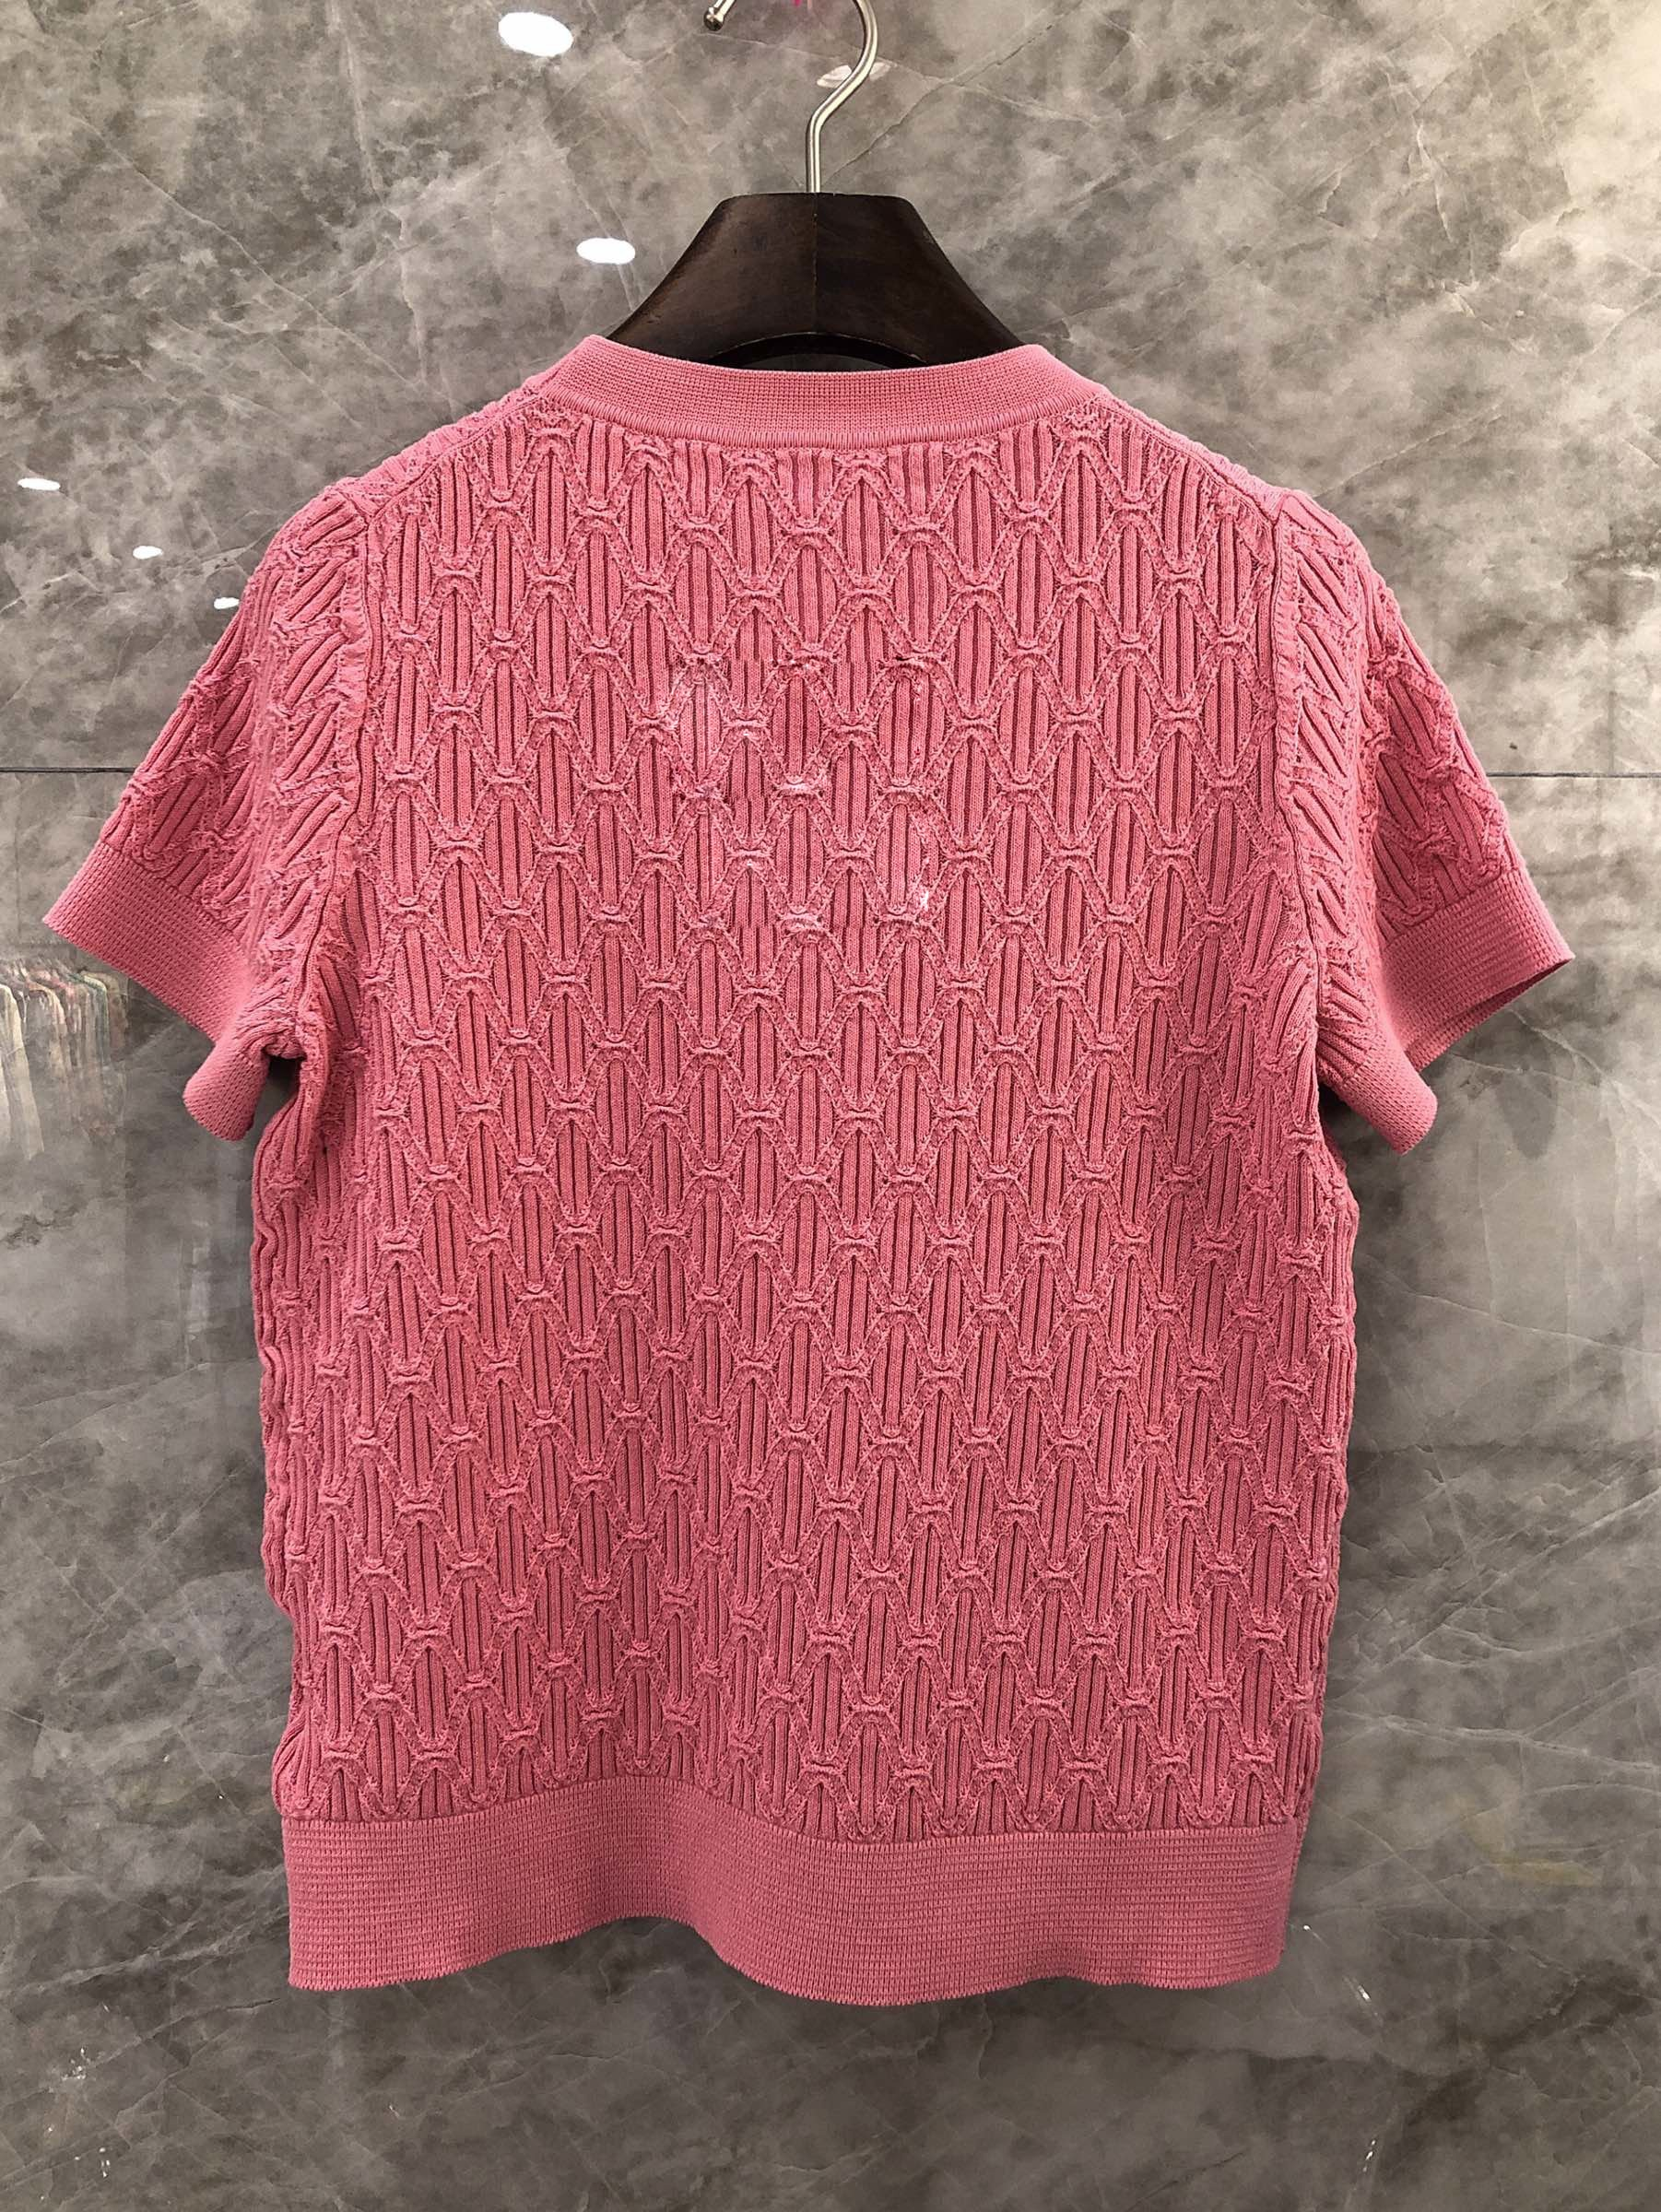 108004 nueva mujer 2020 suéter otoño diseño de pasarela